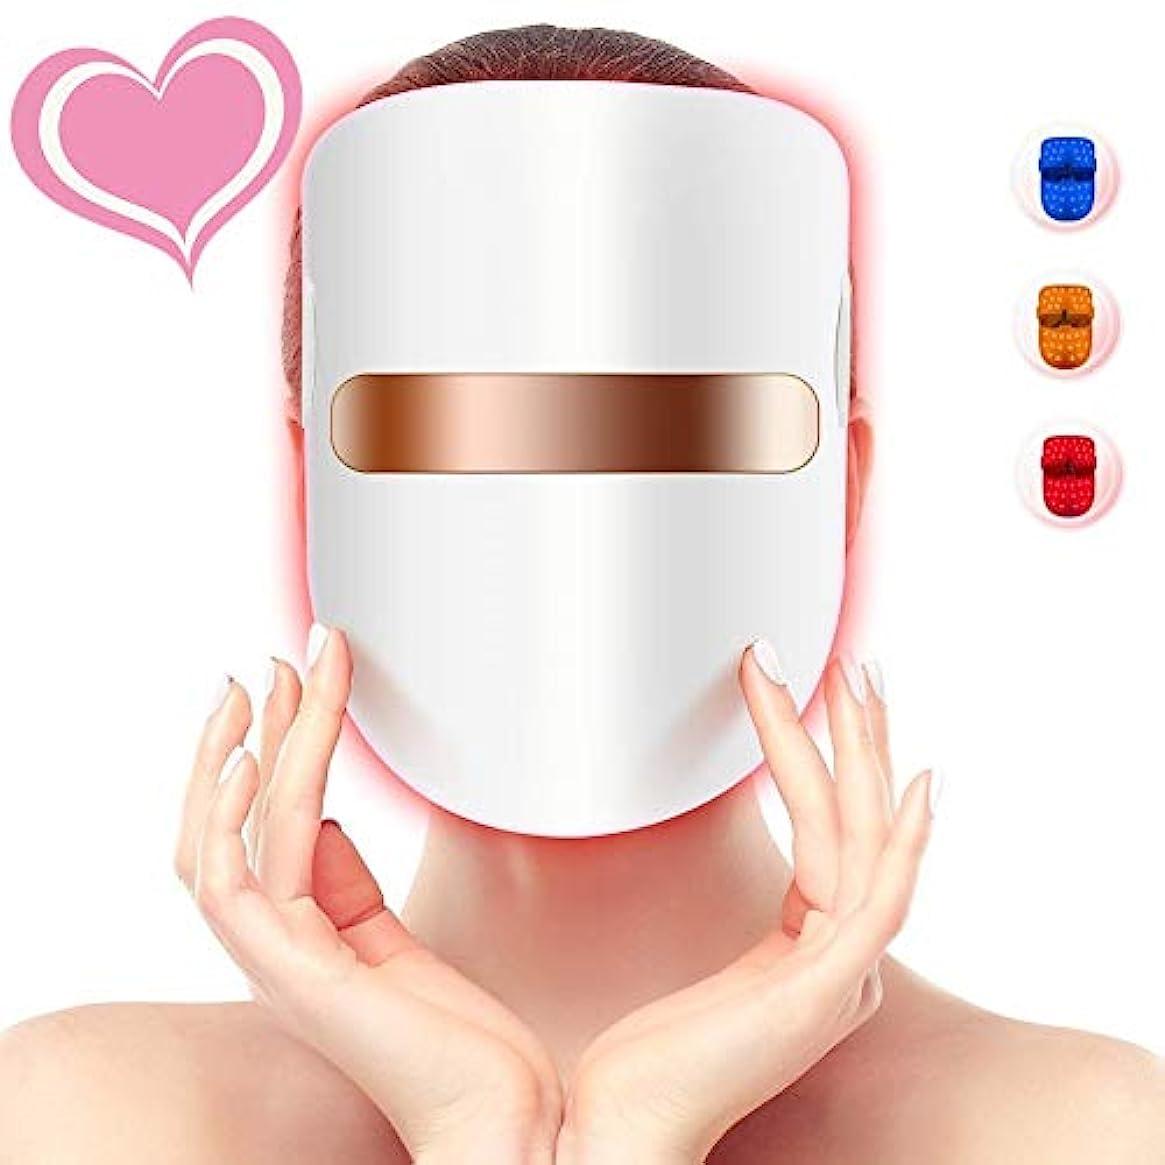 配当名前で孤児3色の軽い療法のアクネのマスク、LEDの顔のマスク、導かれた光子療法の顔の美のマスクのにきびのしわのコラーゲンの顔のスキンケアの若返りのための無制限の処置